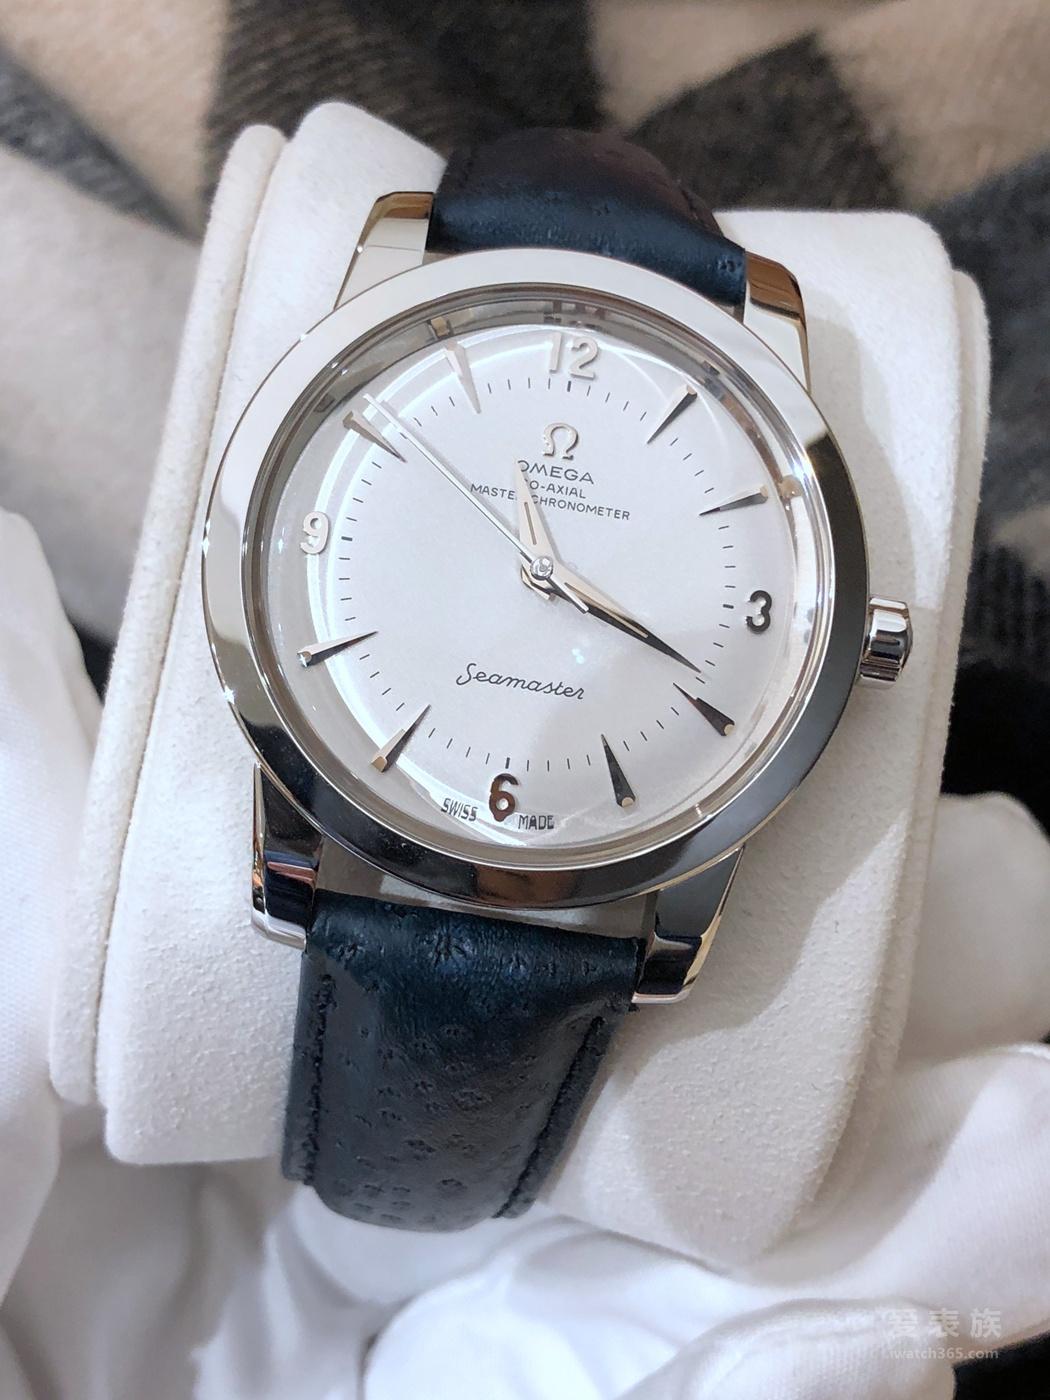 硬汉群中的斯文人---欧米茄海马1948限量版腕表